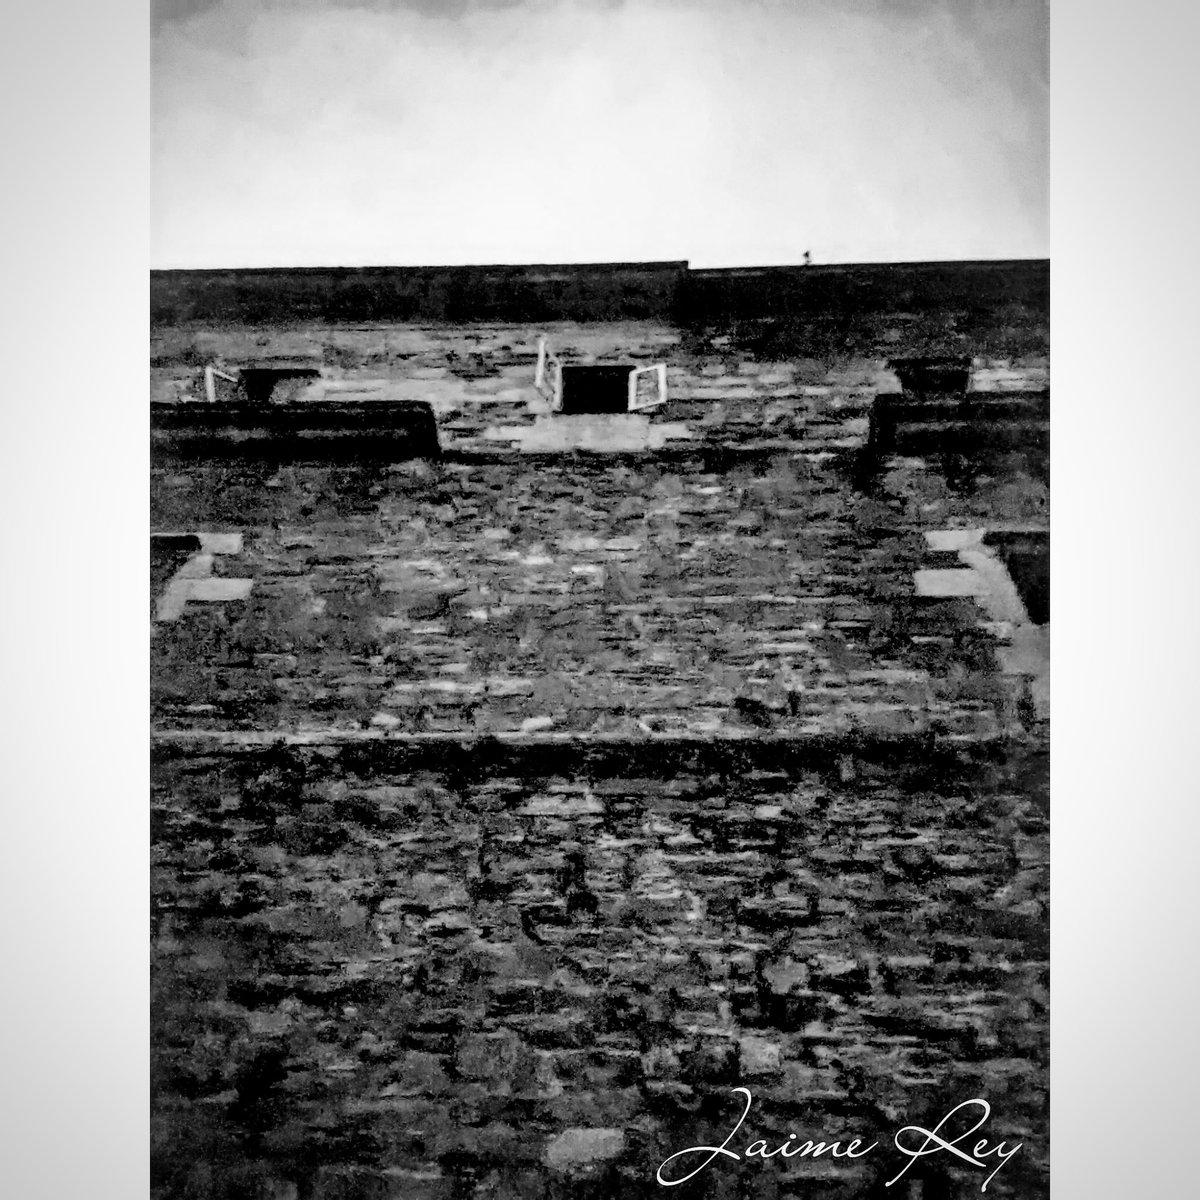 Serie Urbex #urbexspain #urbexworld #urbexphotography #urbexpeople #photooftheday #fotocatchers #fotografia #foto #galiza #galizaenfotos #GalizaMáxica #urbexgalicia #blackandwhite #blackandwhitephotography #blancoynegro @galiciamaxica @turismodegalicia #shotonoppo @oppomobilees